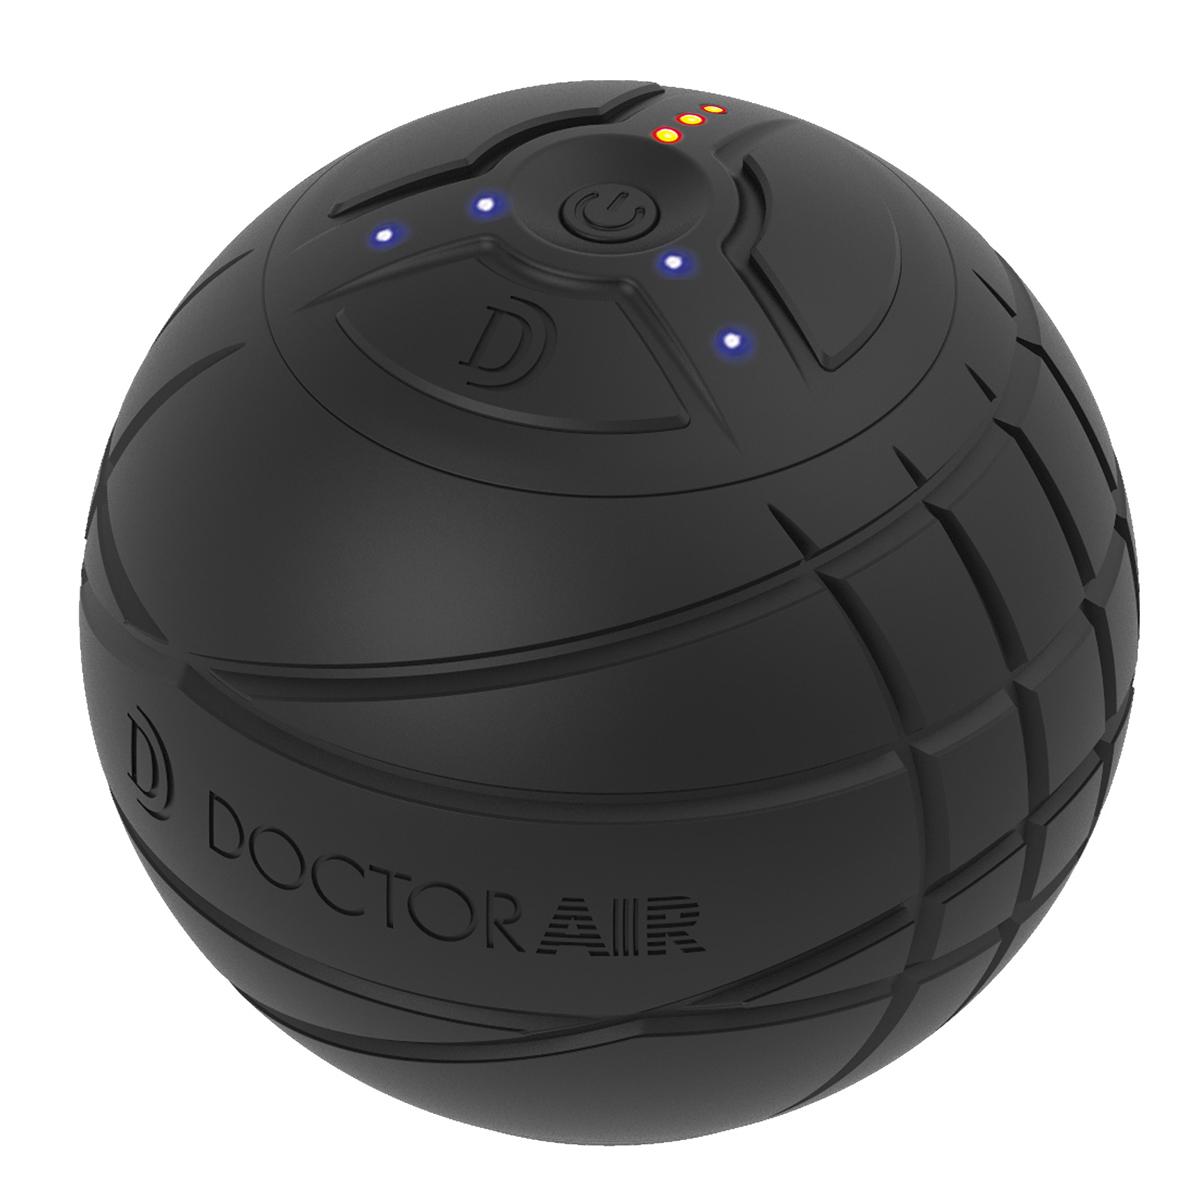 コリをためにくい身体になる。毎分4000回の振動で、筋肉を奥深くから揺さぶるストレッチボール|Dr.Air 3Dコンディショニングボール